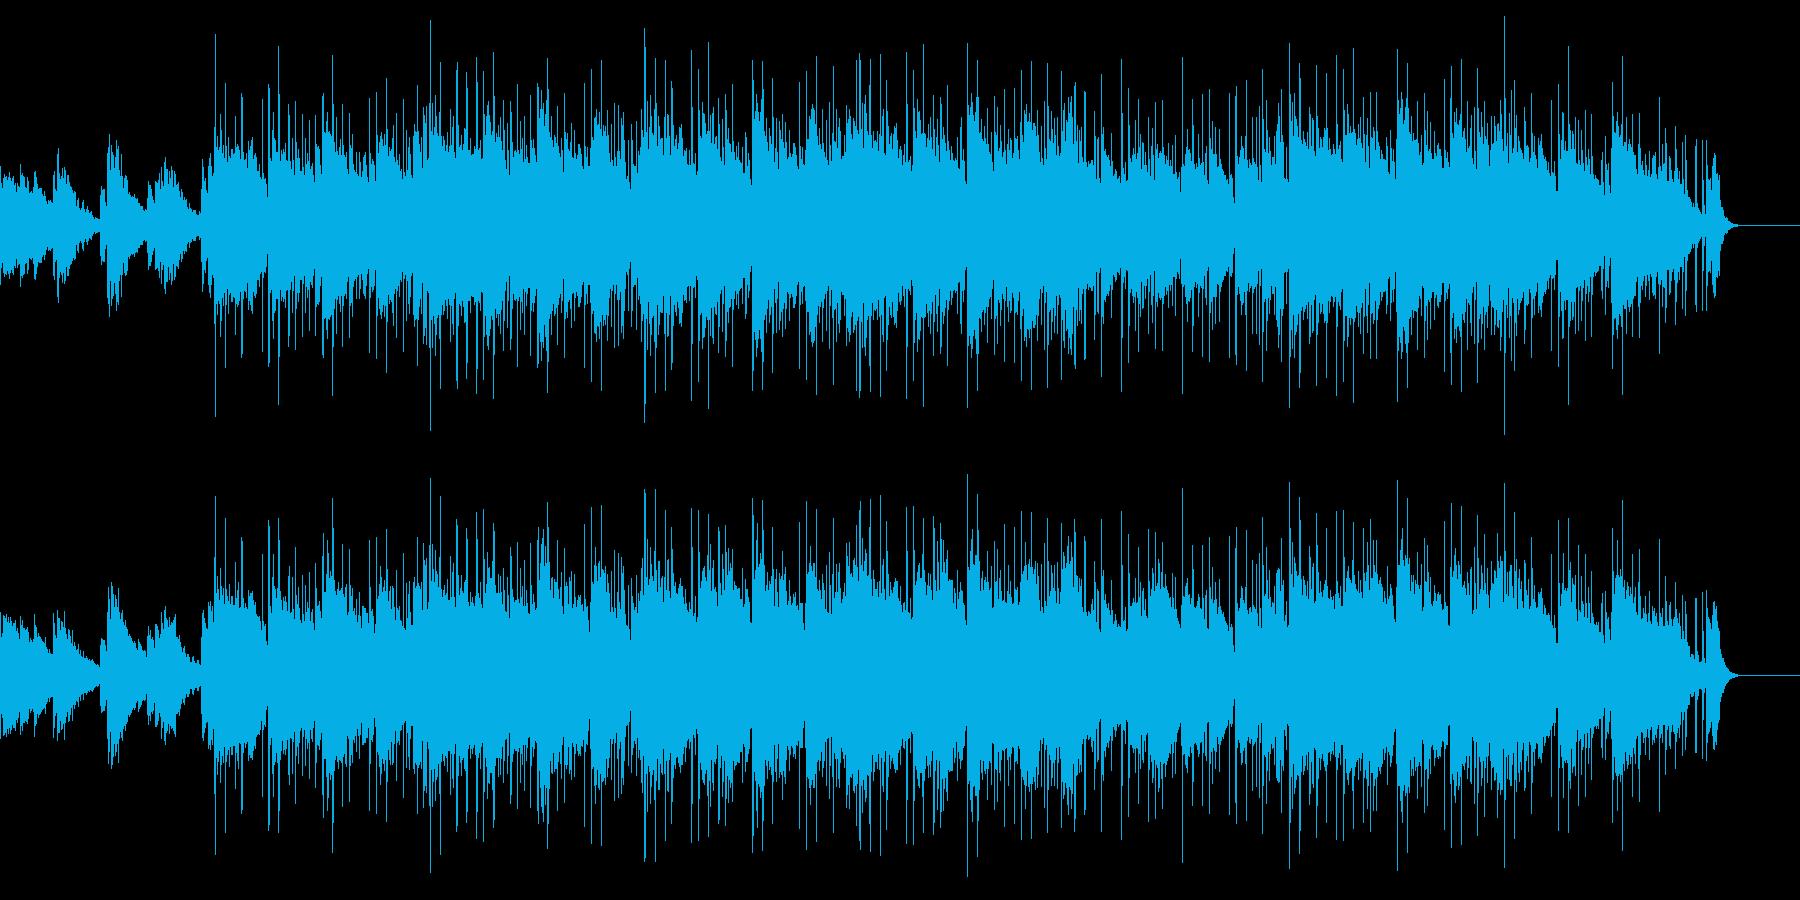 エレキギターで浮遊感のあるBGMの再生済みの波形